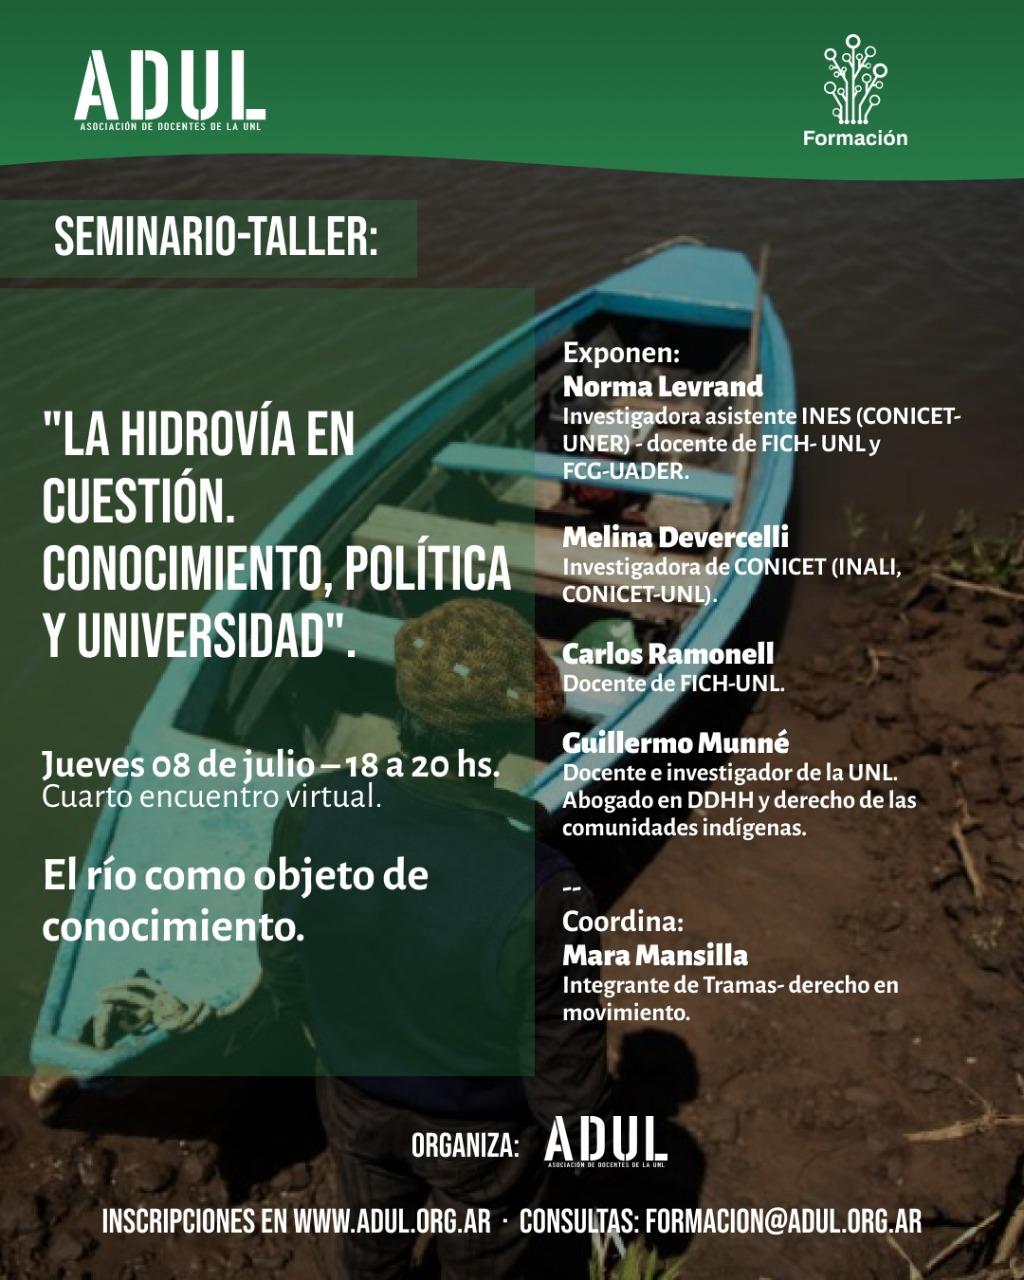 Seminario-Taller: la hidrovía en cuestión. Cuarto encuentro: «El río como objeto de conocimiento» – Jueves 08/7 – 18hs.